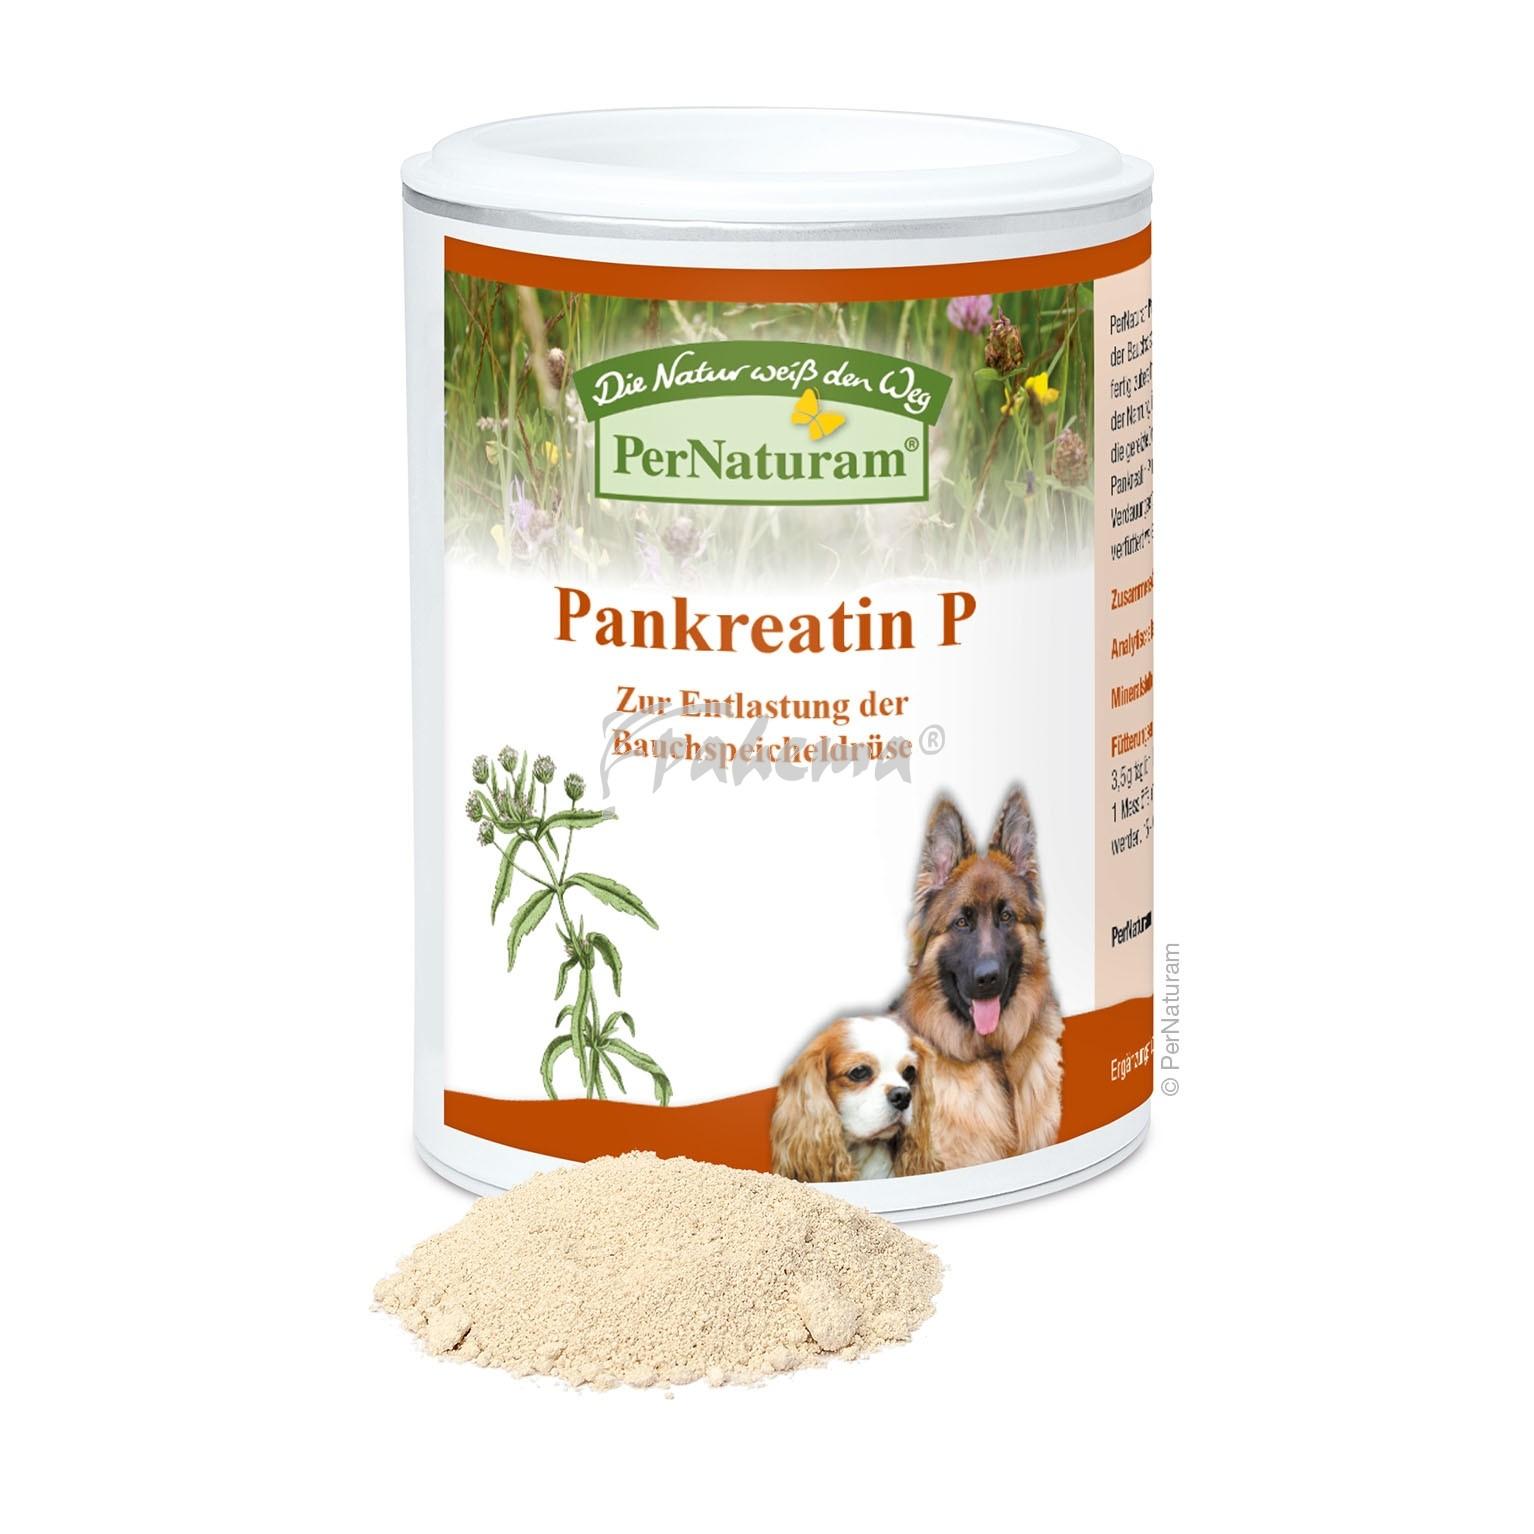 Produktbild: Pankreatin P